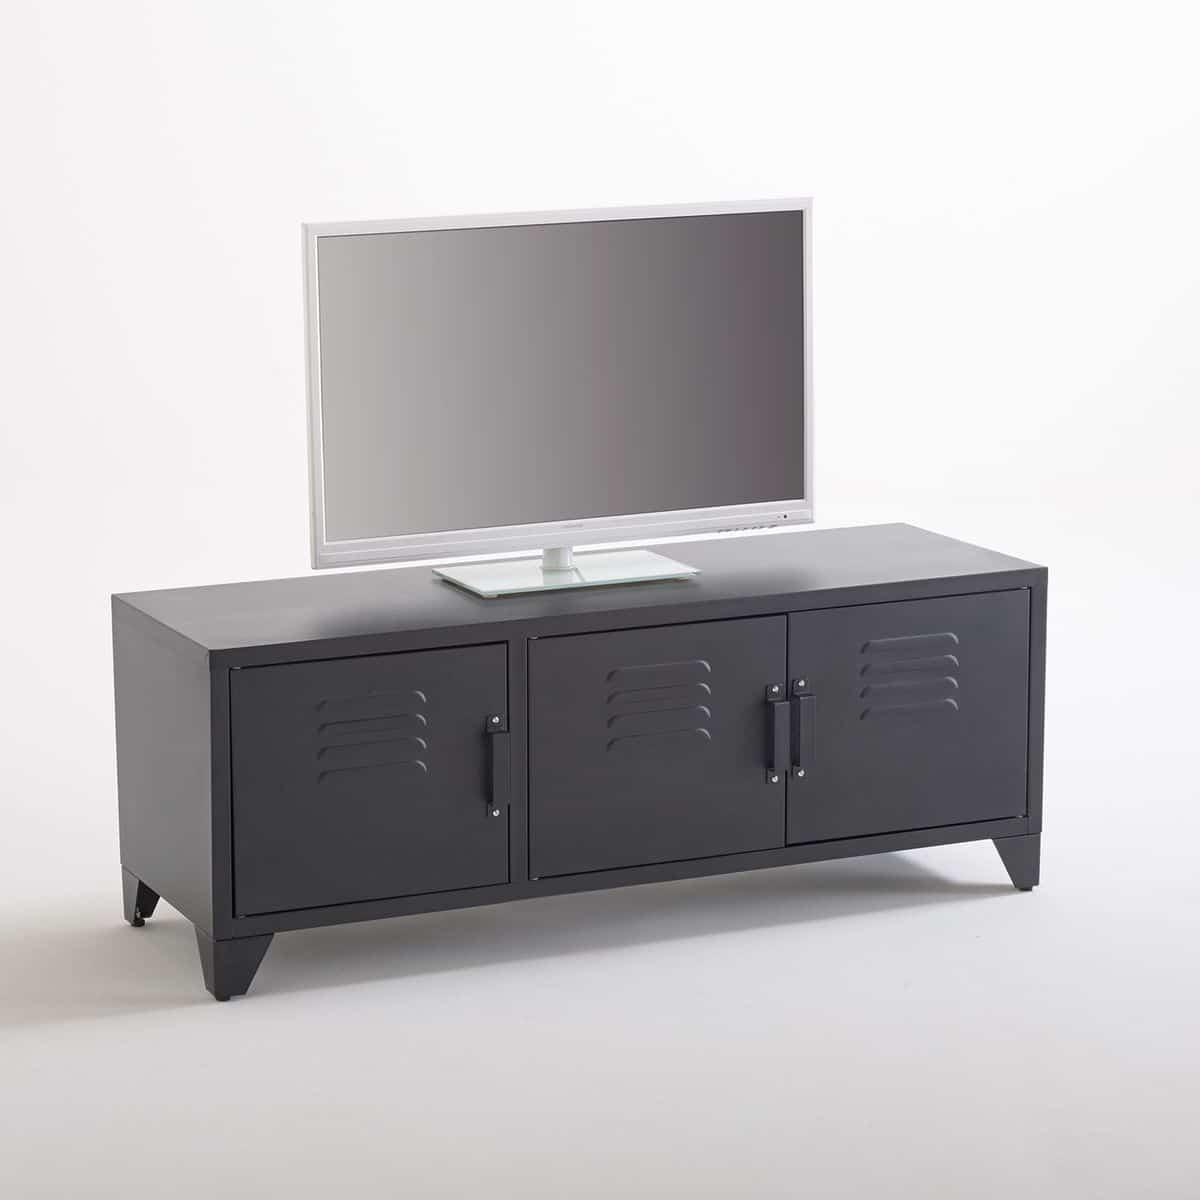 Meuble Tv Industriel 40 Id Es Et Mod Les 100 D Cal S # Meuble Tv La Redoute